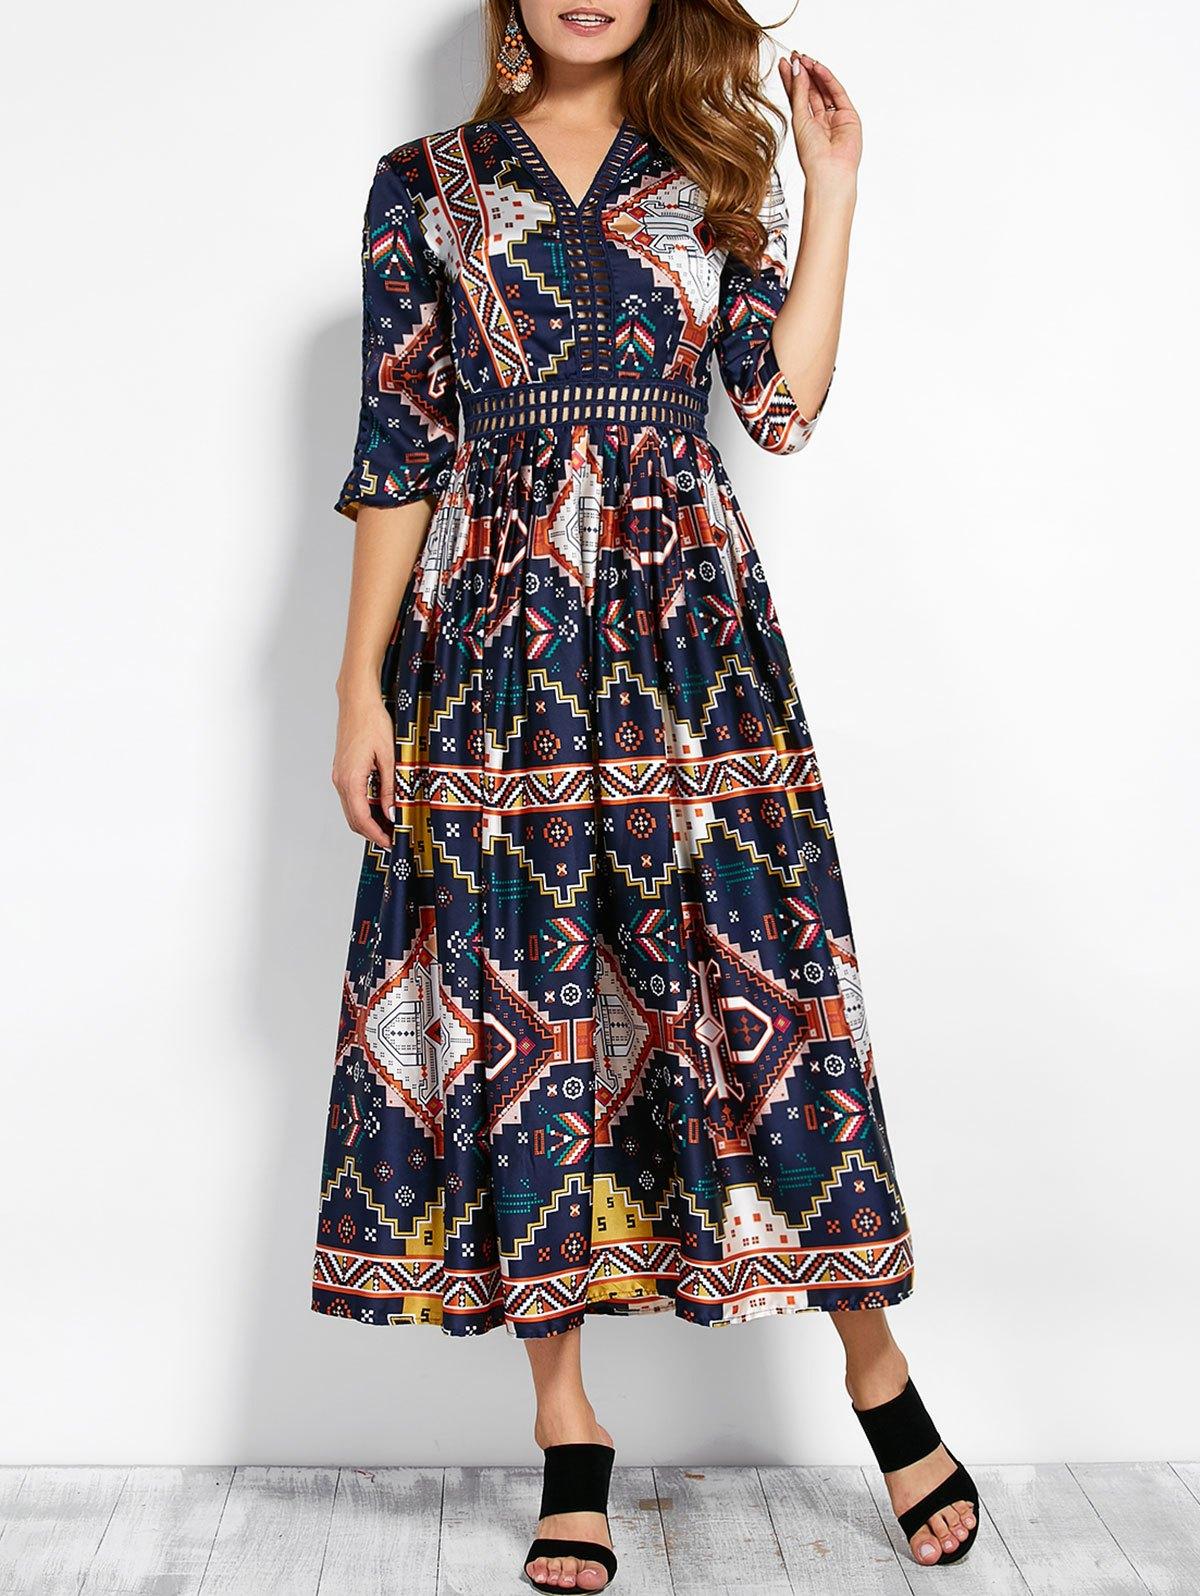 V Neck Retro Print Hollow Out Maxi Dress